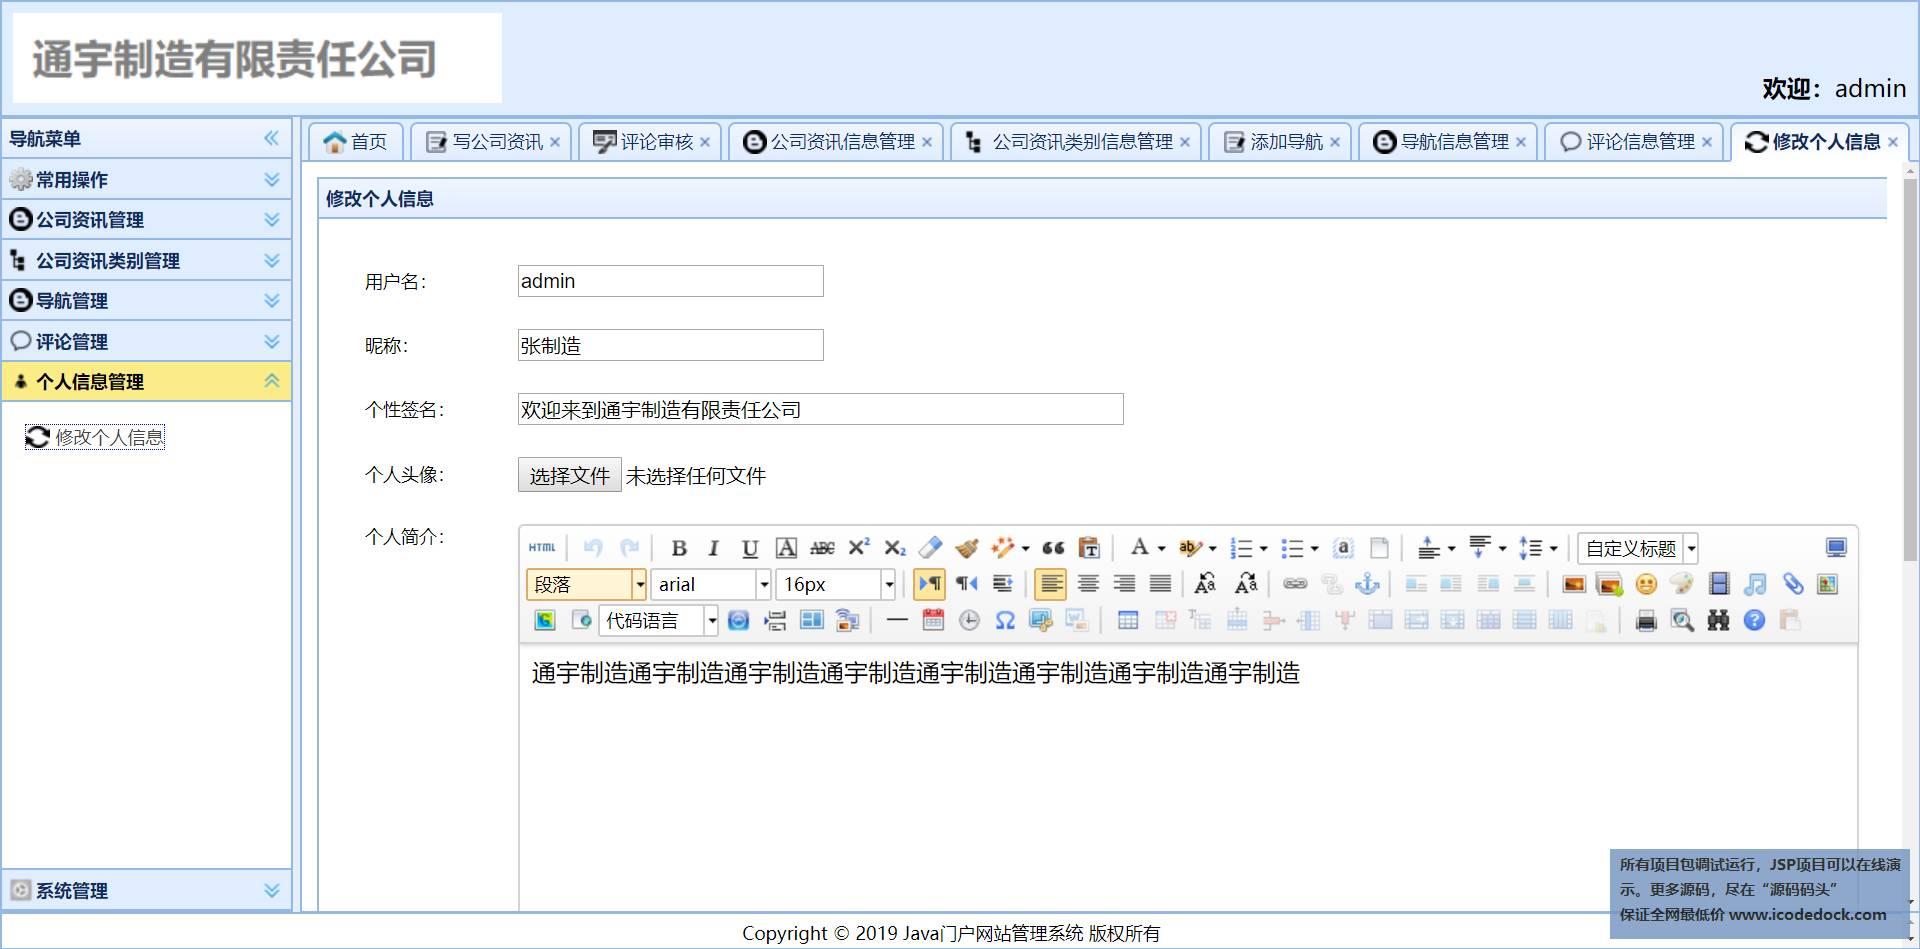 源码码头-SSM企业官方网站-管理员角色-修改个人信息